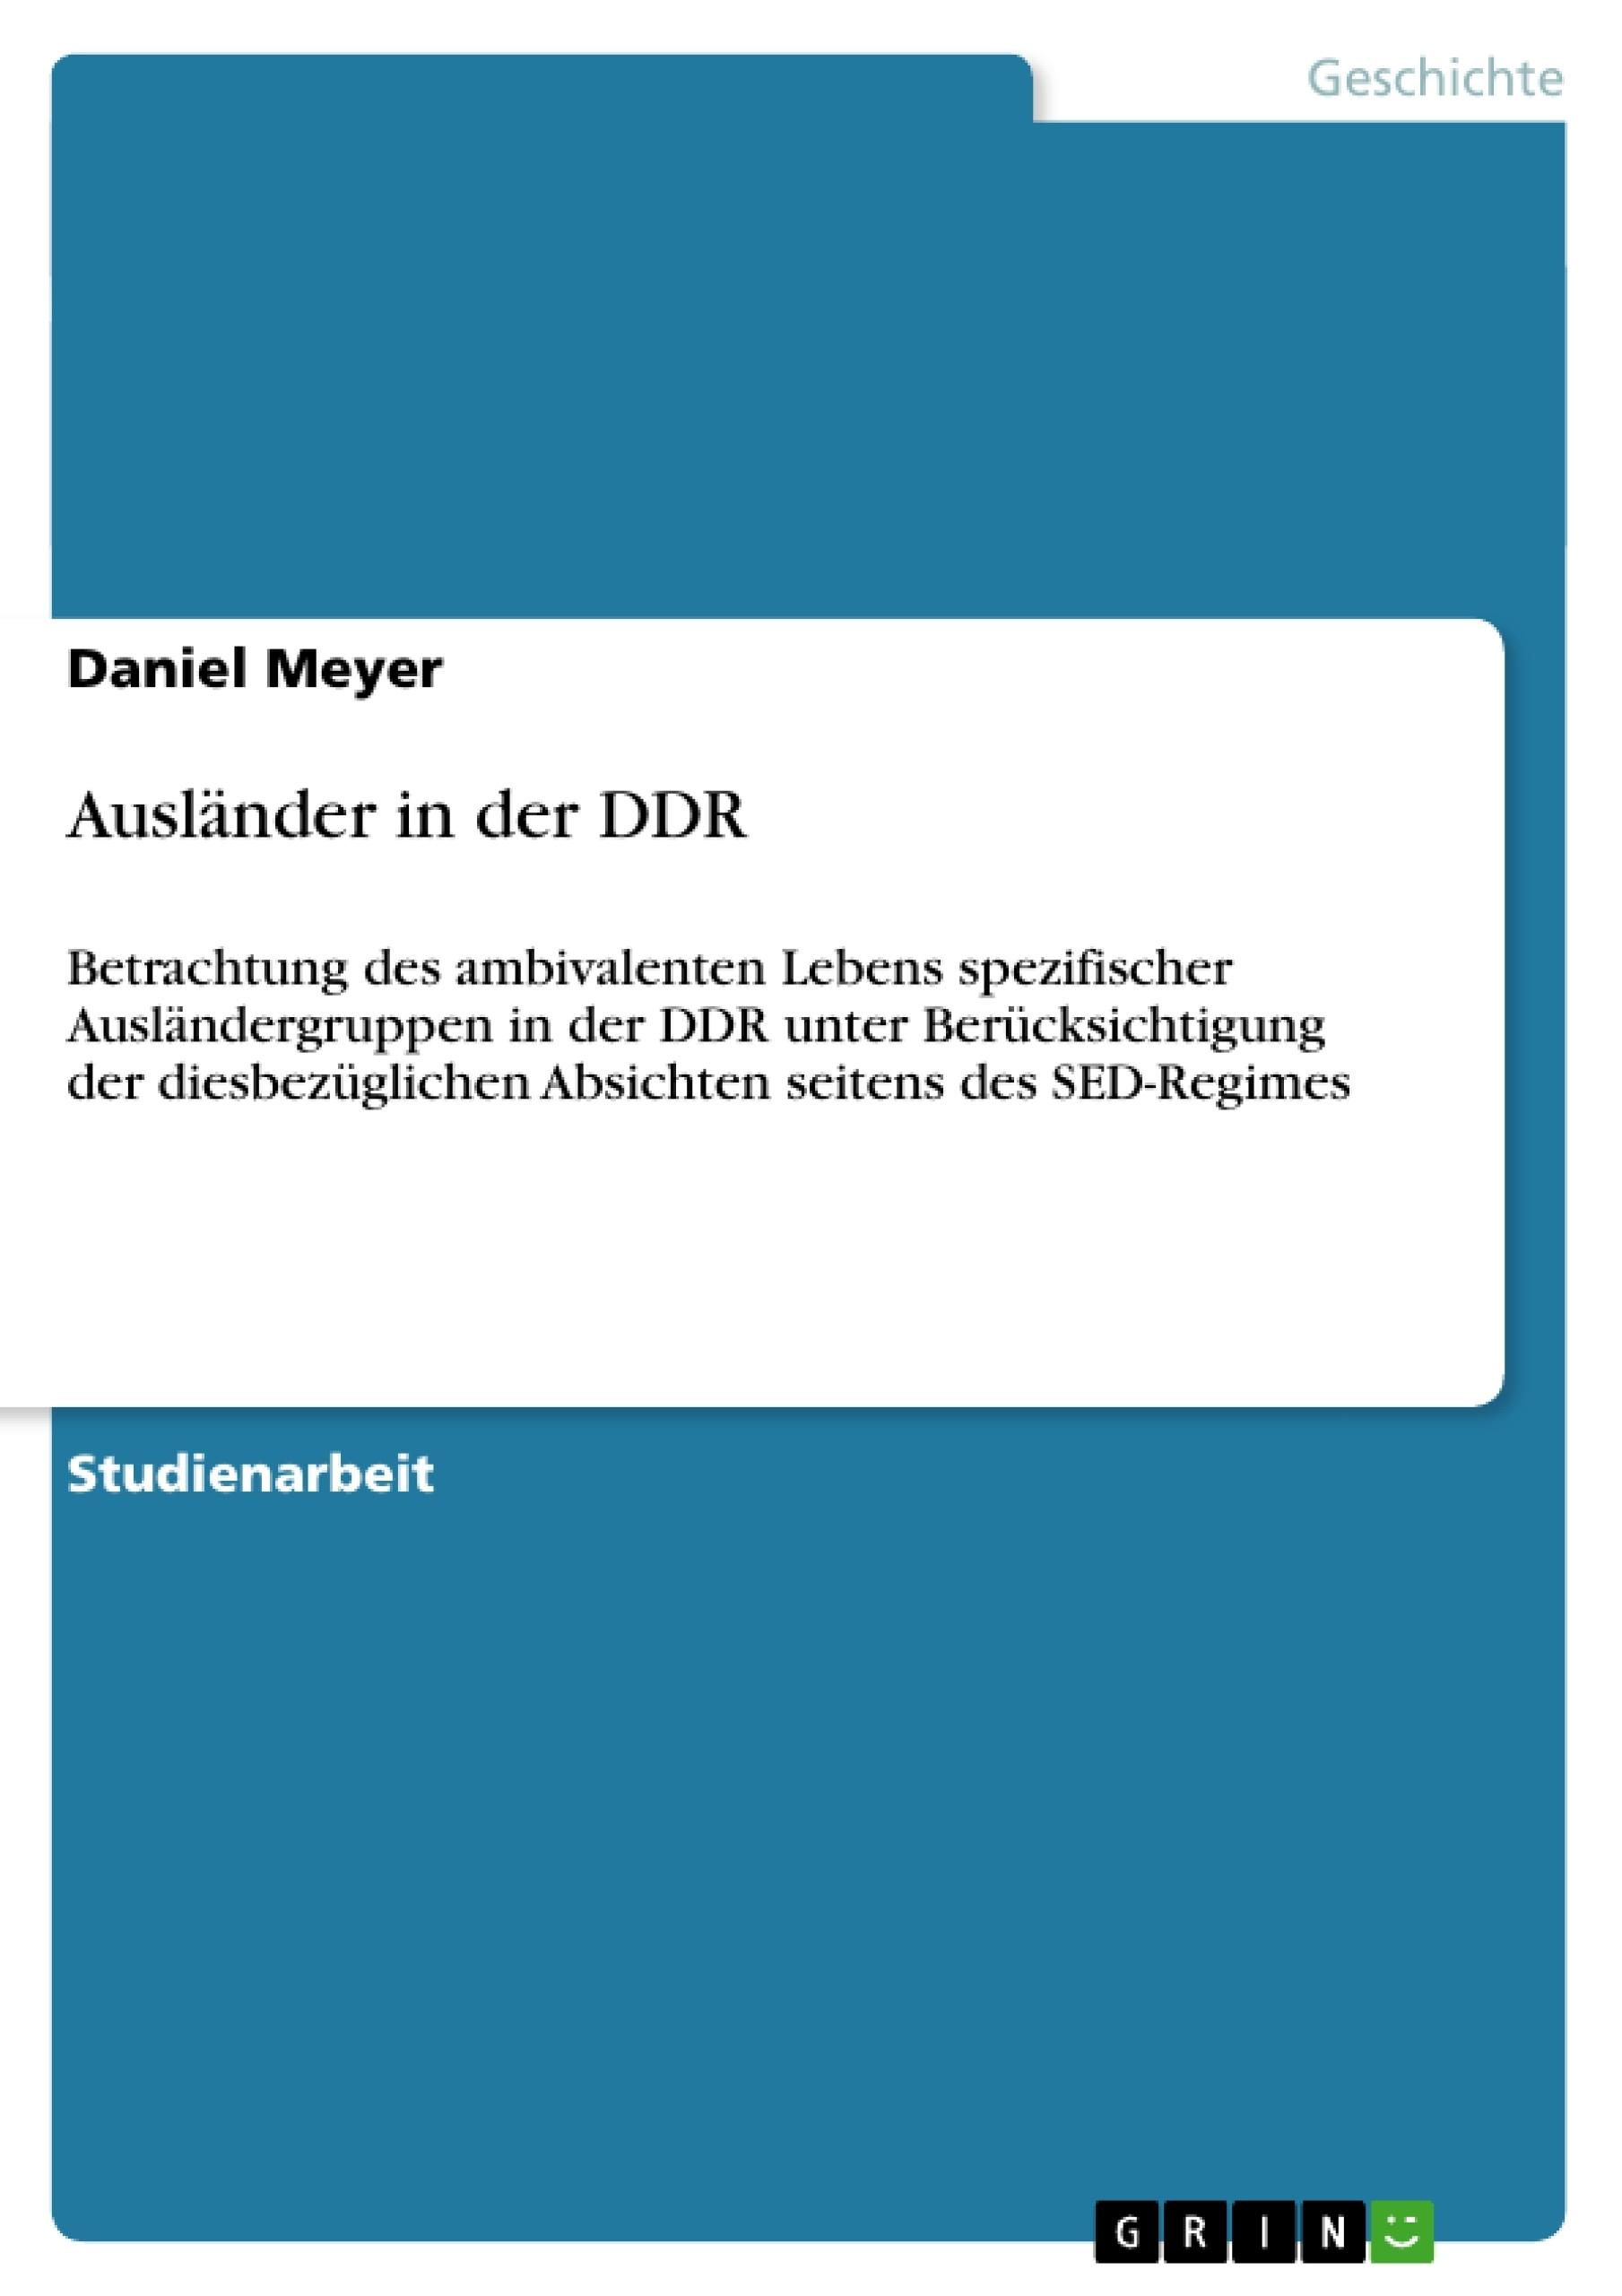 Titel: Ausländer in der DDR